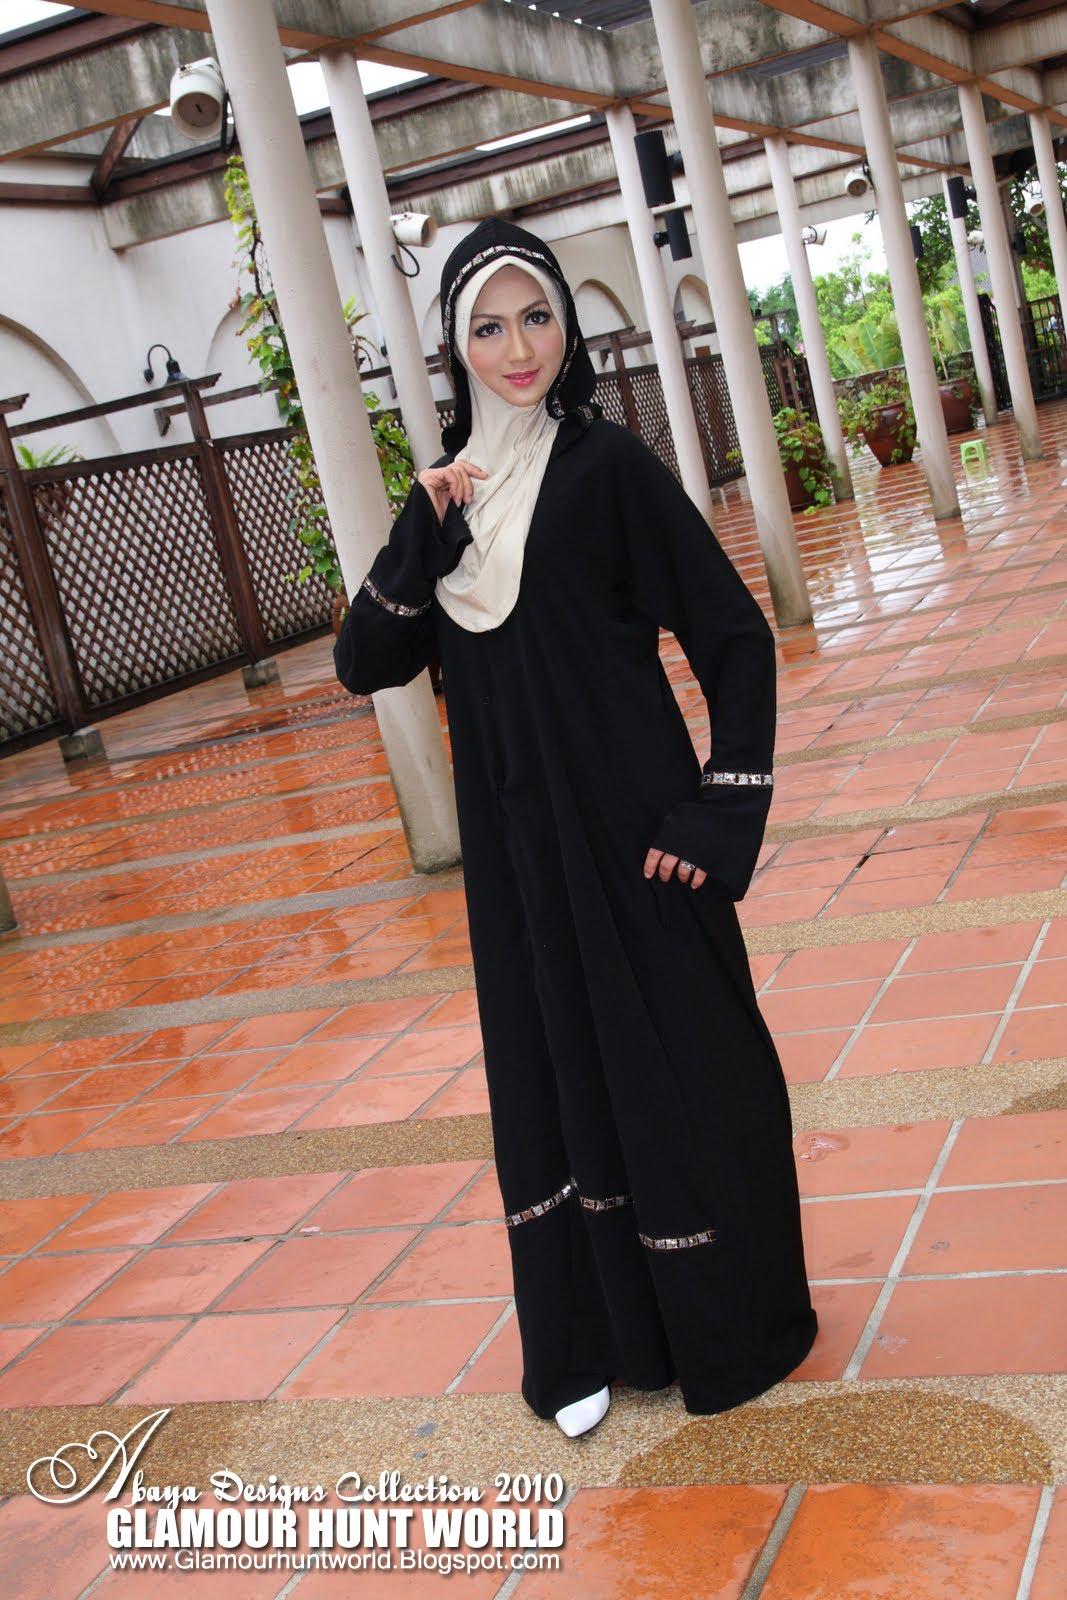 Abaya dubai fashion week in diffrnt style (4) Abaya 100